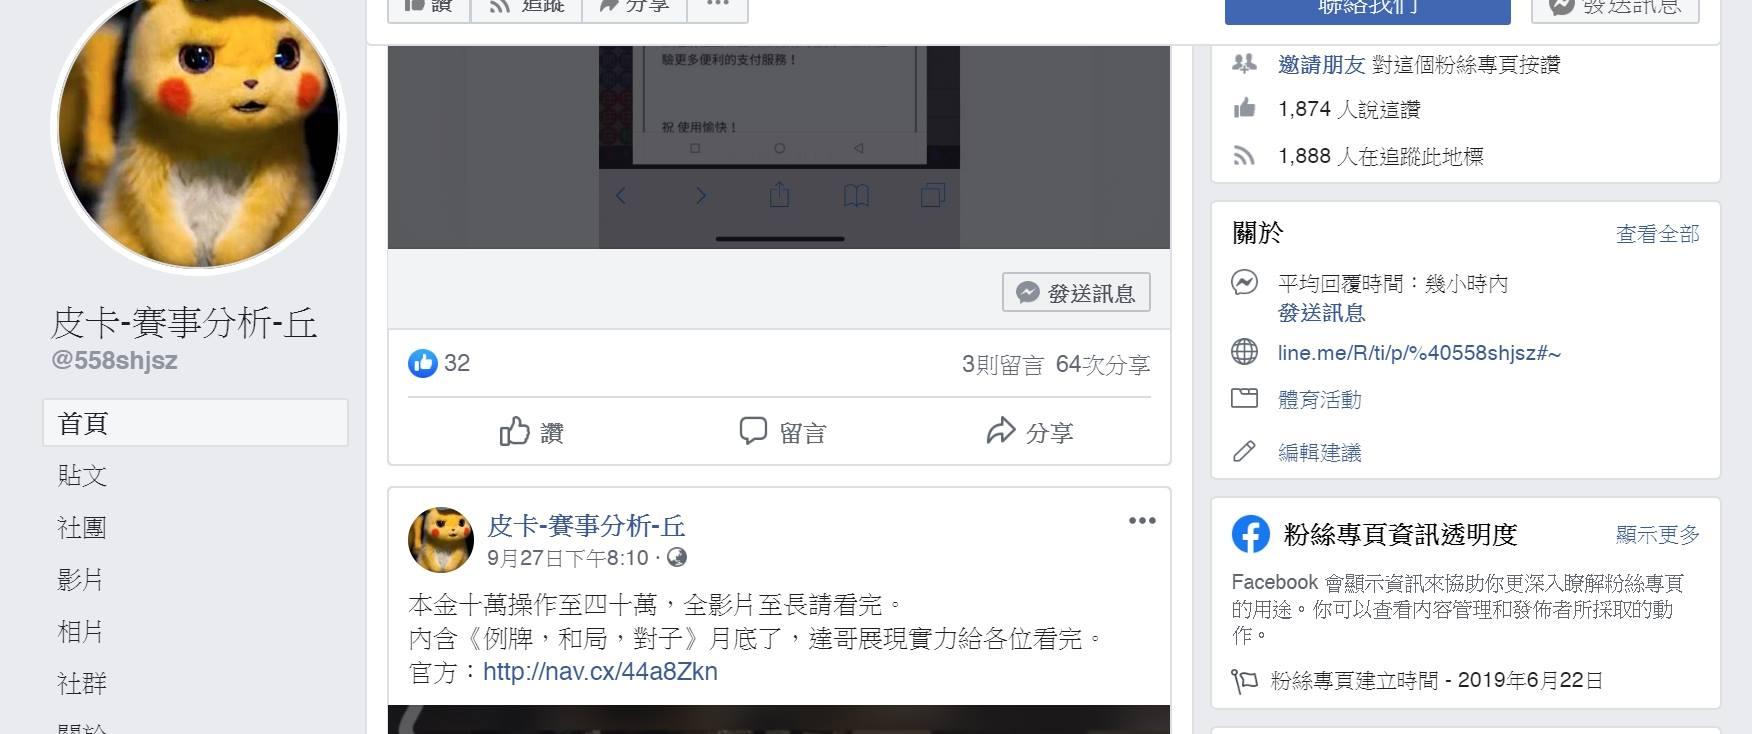 98娛樂網小心